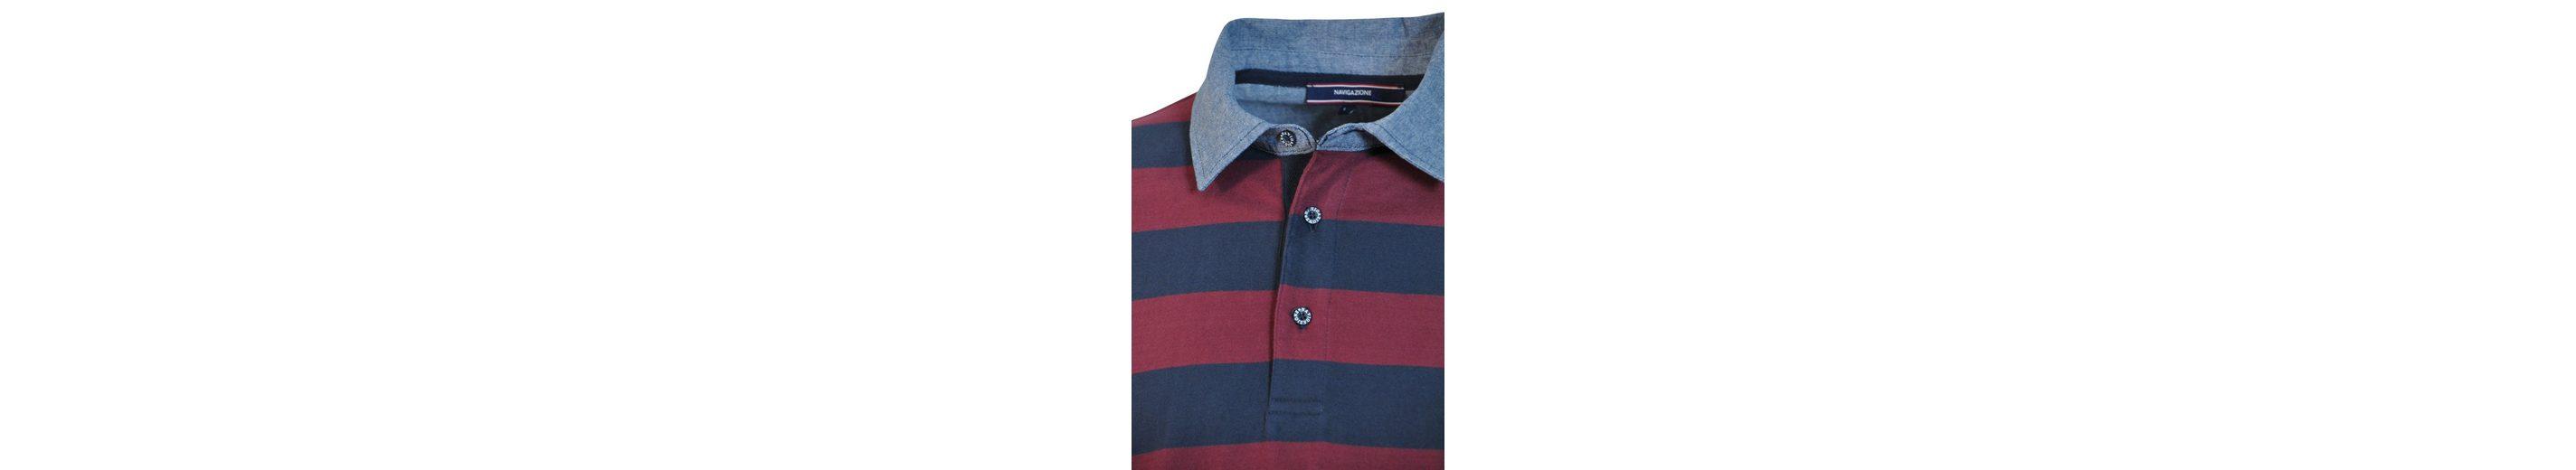 NAVIGAZIONE Poloshirt, weiche Qualität, schöne Details